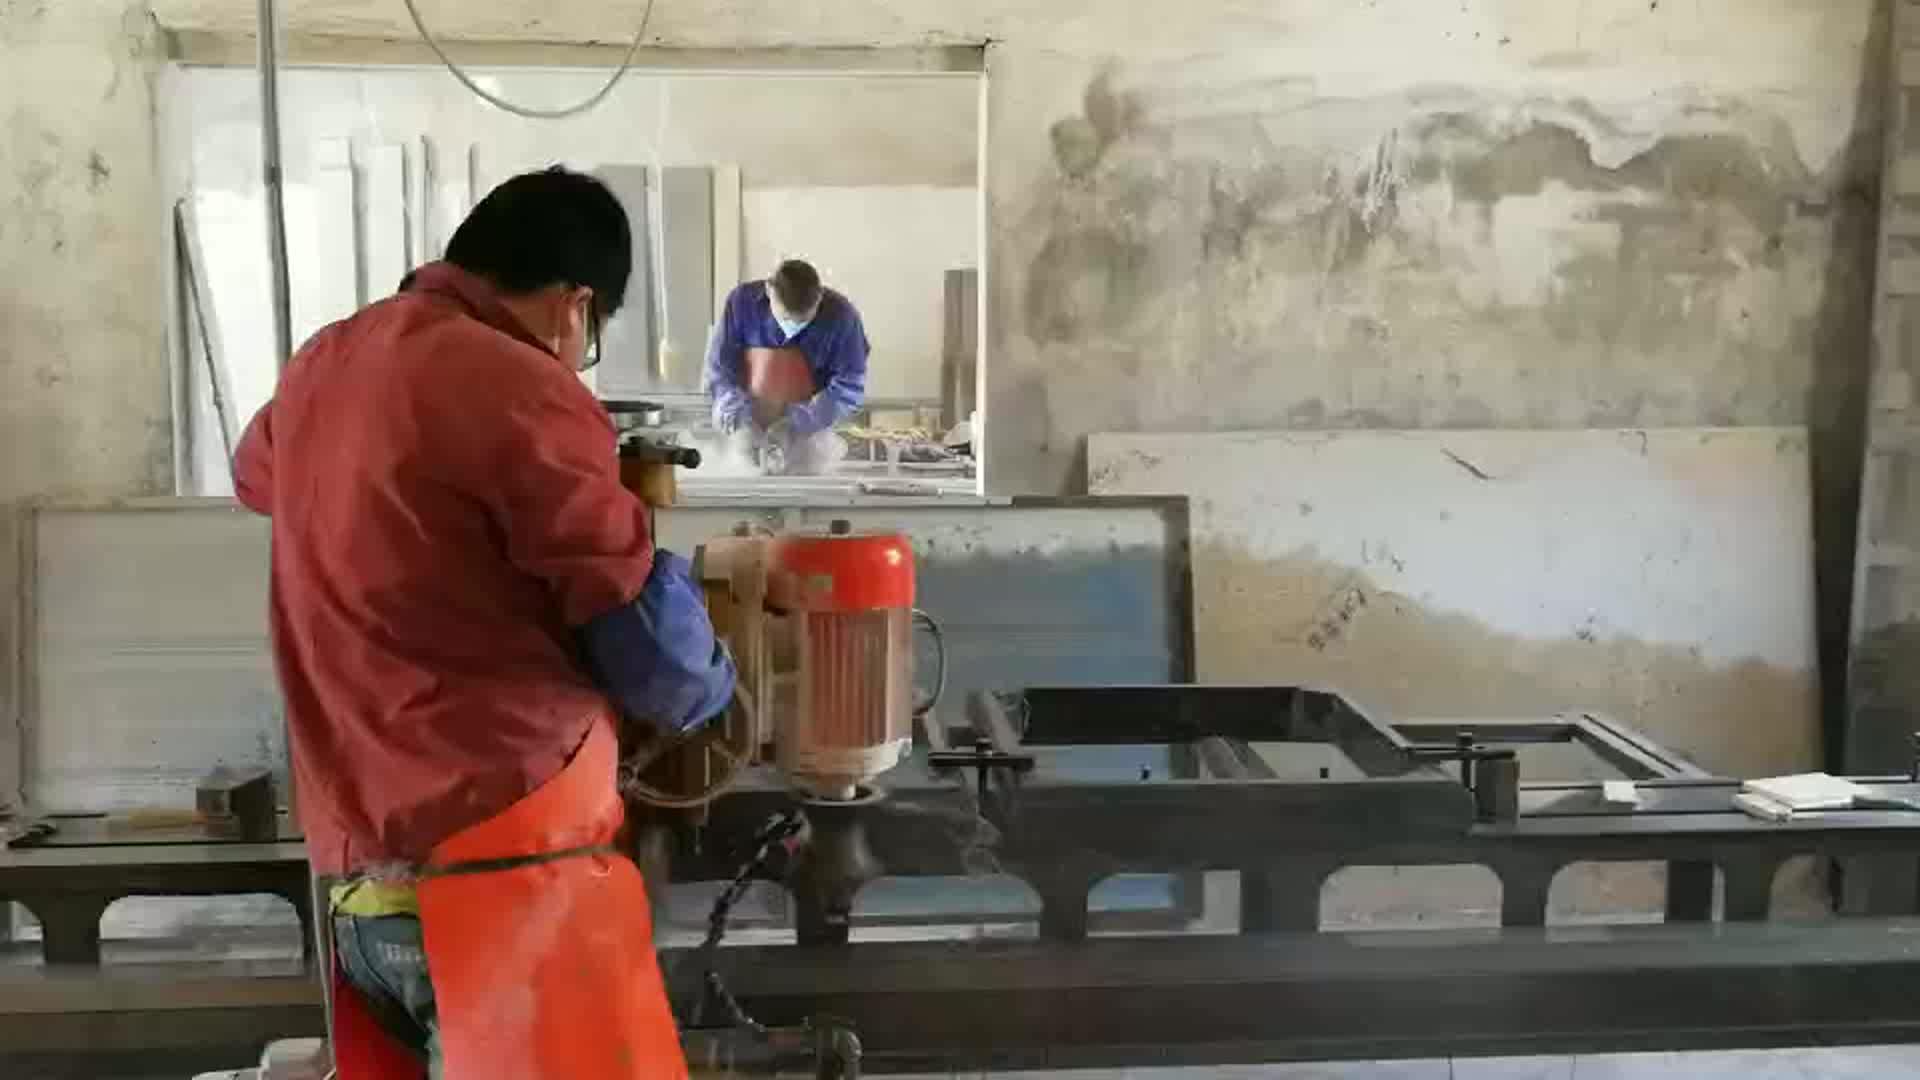 Stein profilierung linie maschine granit marmor edelstein polierer rand profilierung polieren arbeitsplatte linie maschinen